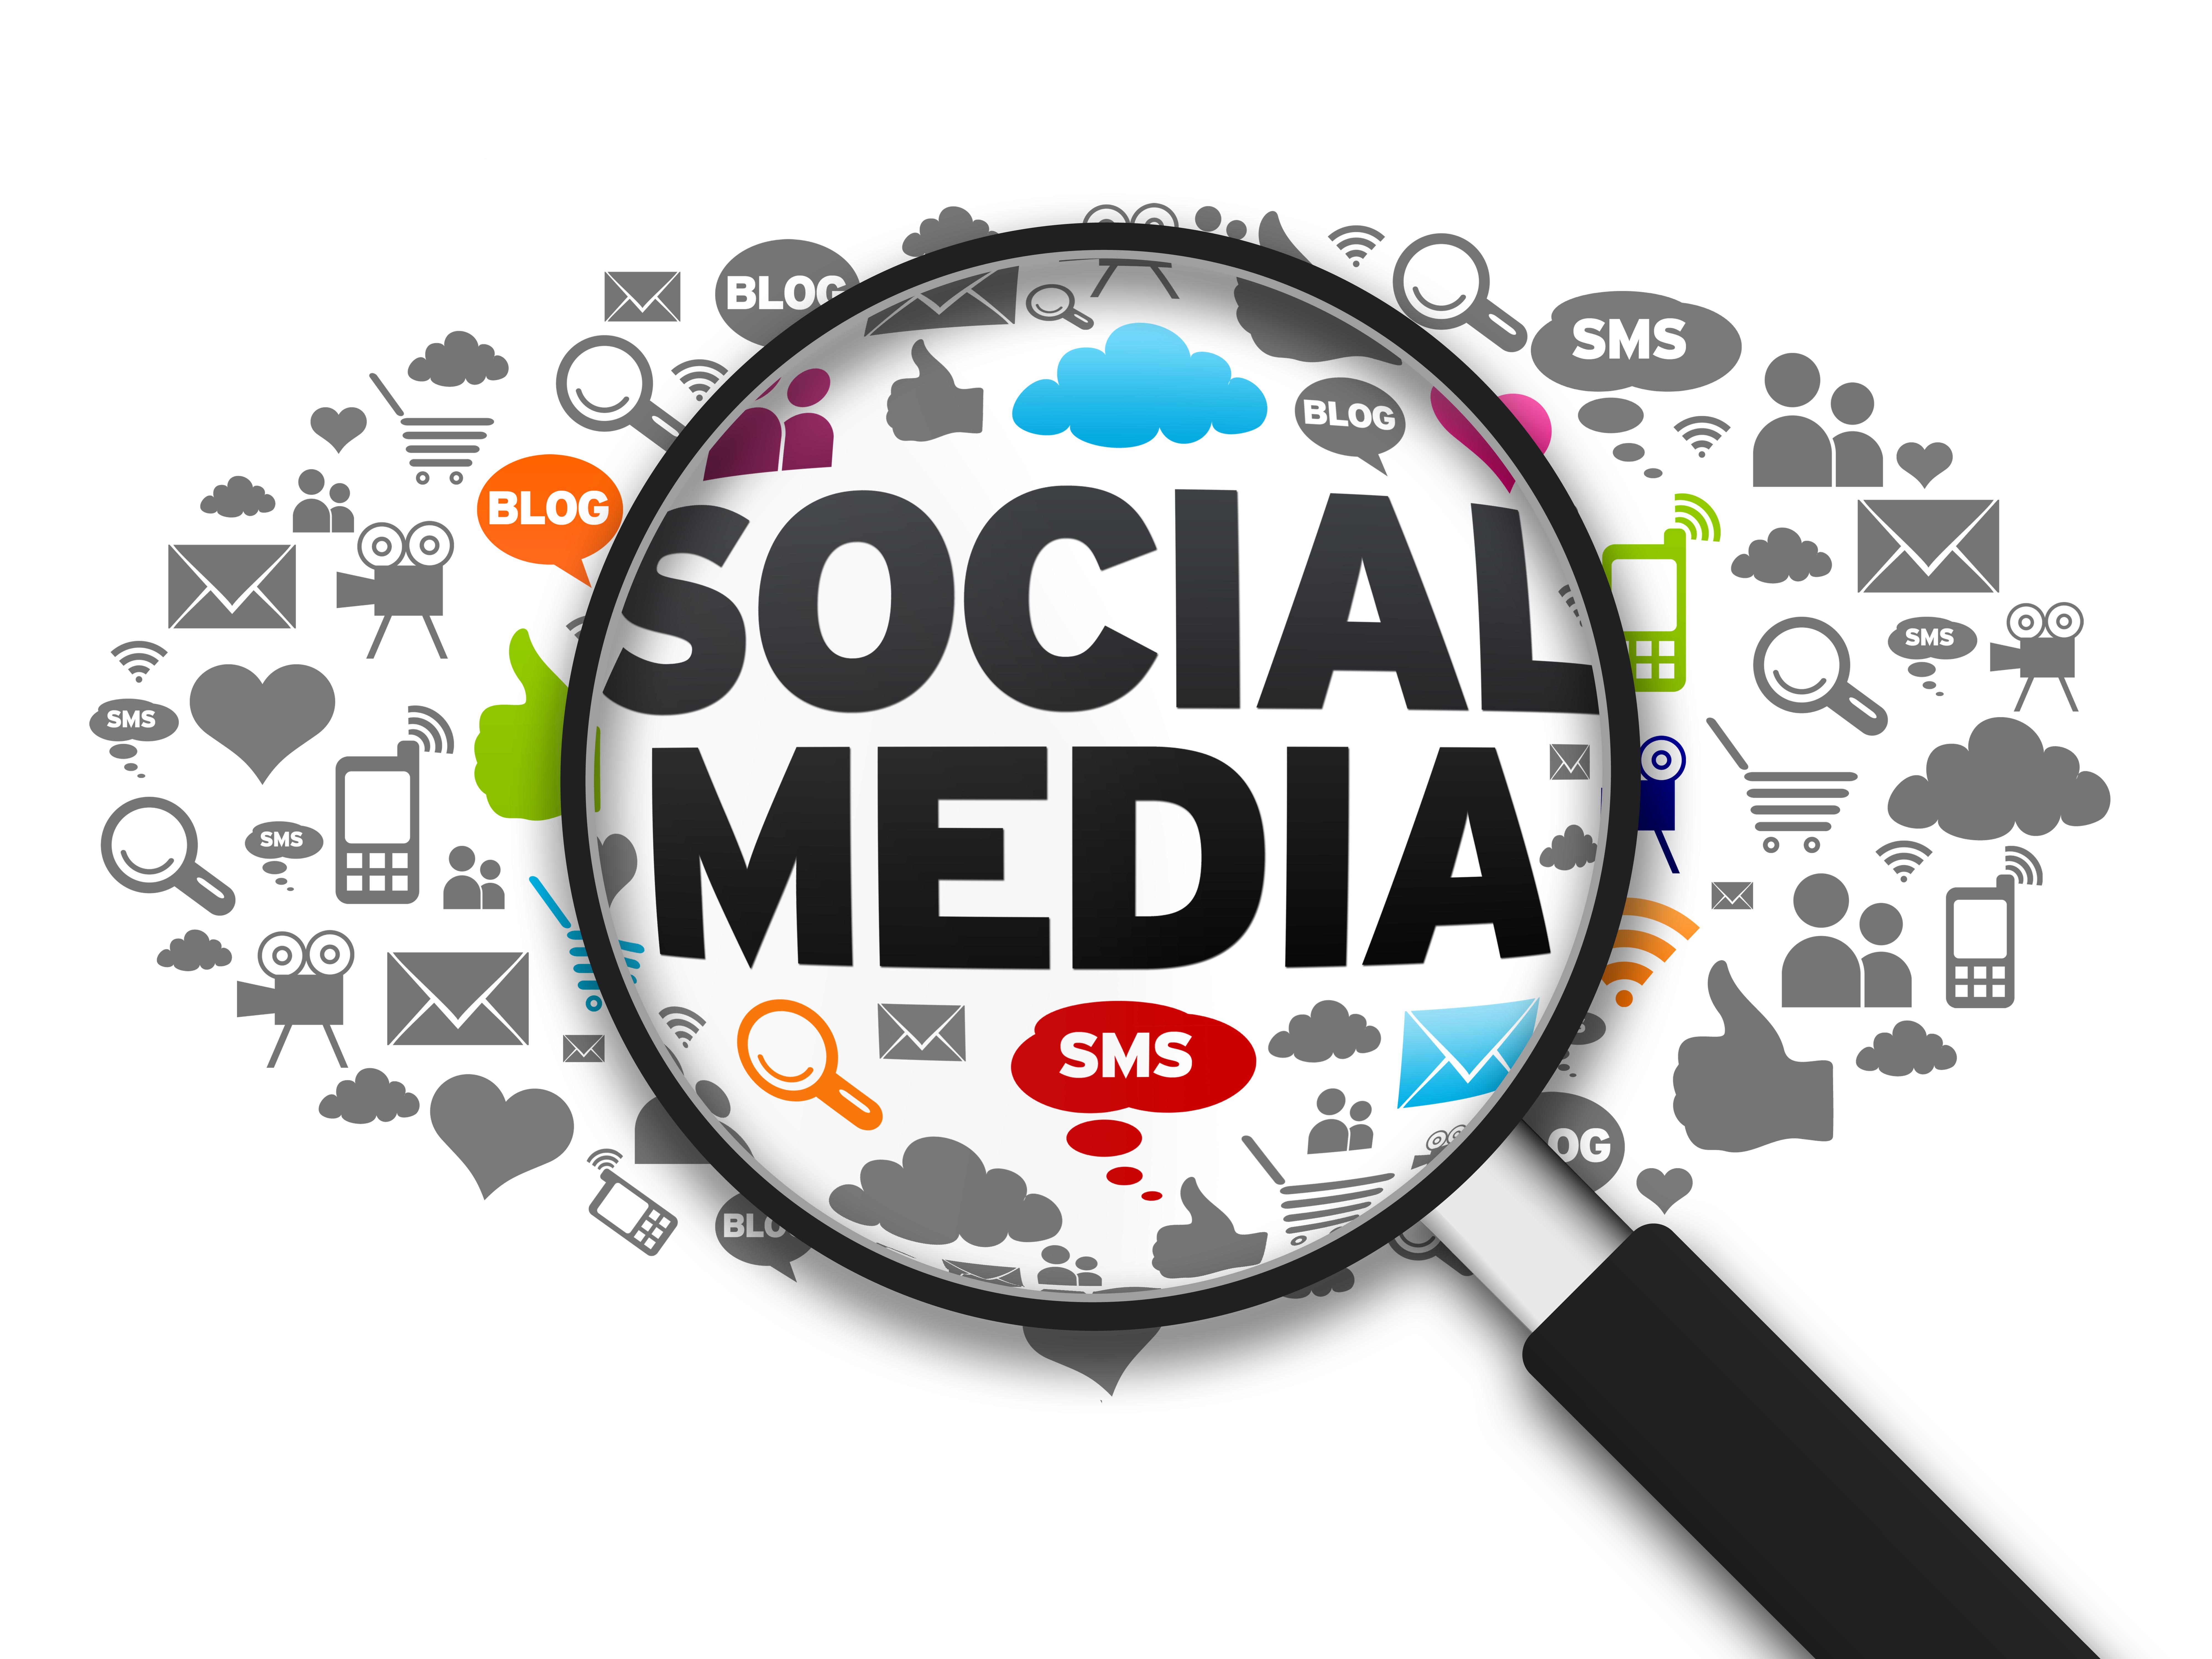 socialmedia 5 mejores grandes herramientas de Social Media